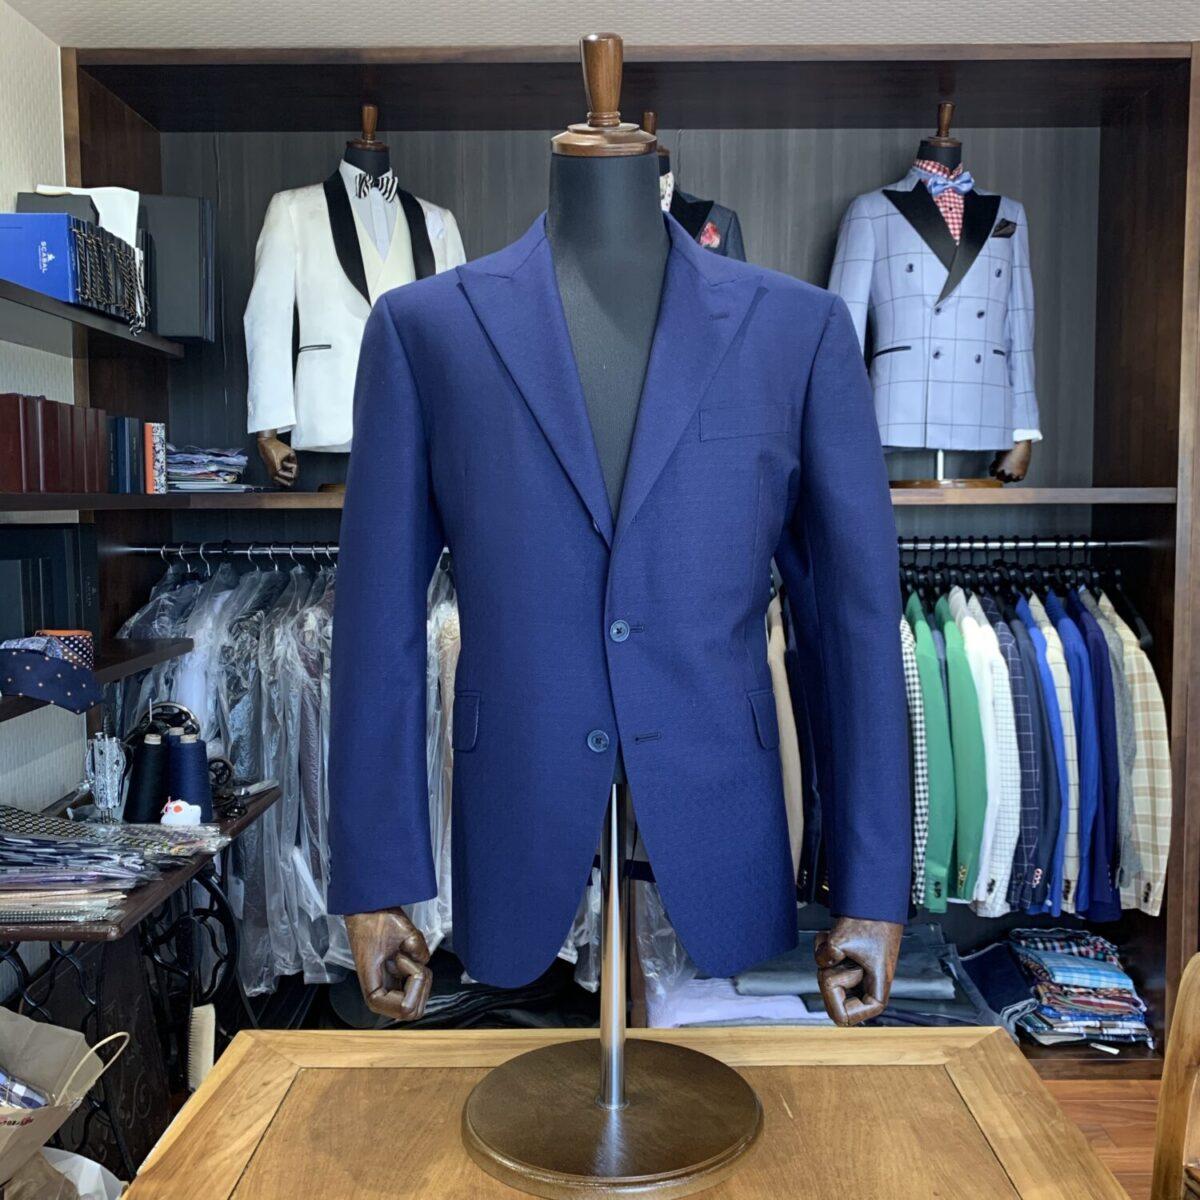 滋賀県湖南市S様のオーダースーツを仕上げさせていただきました!